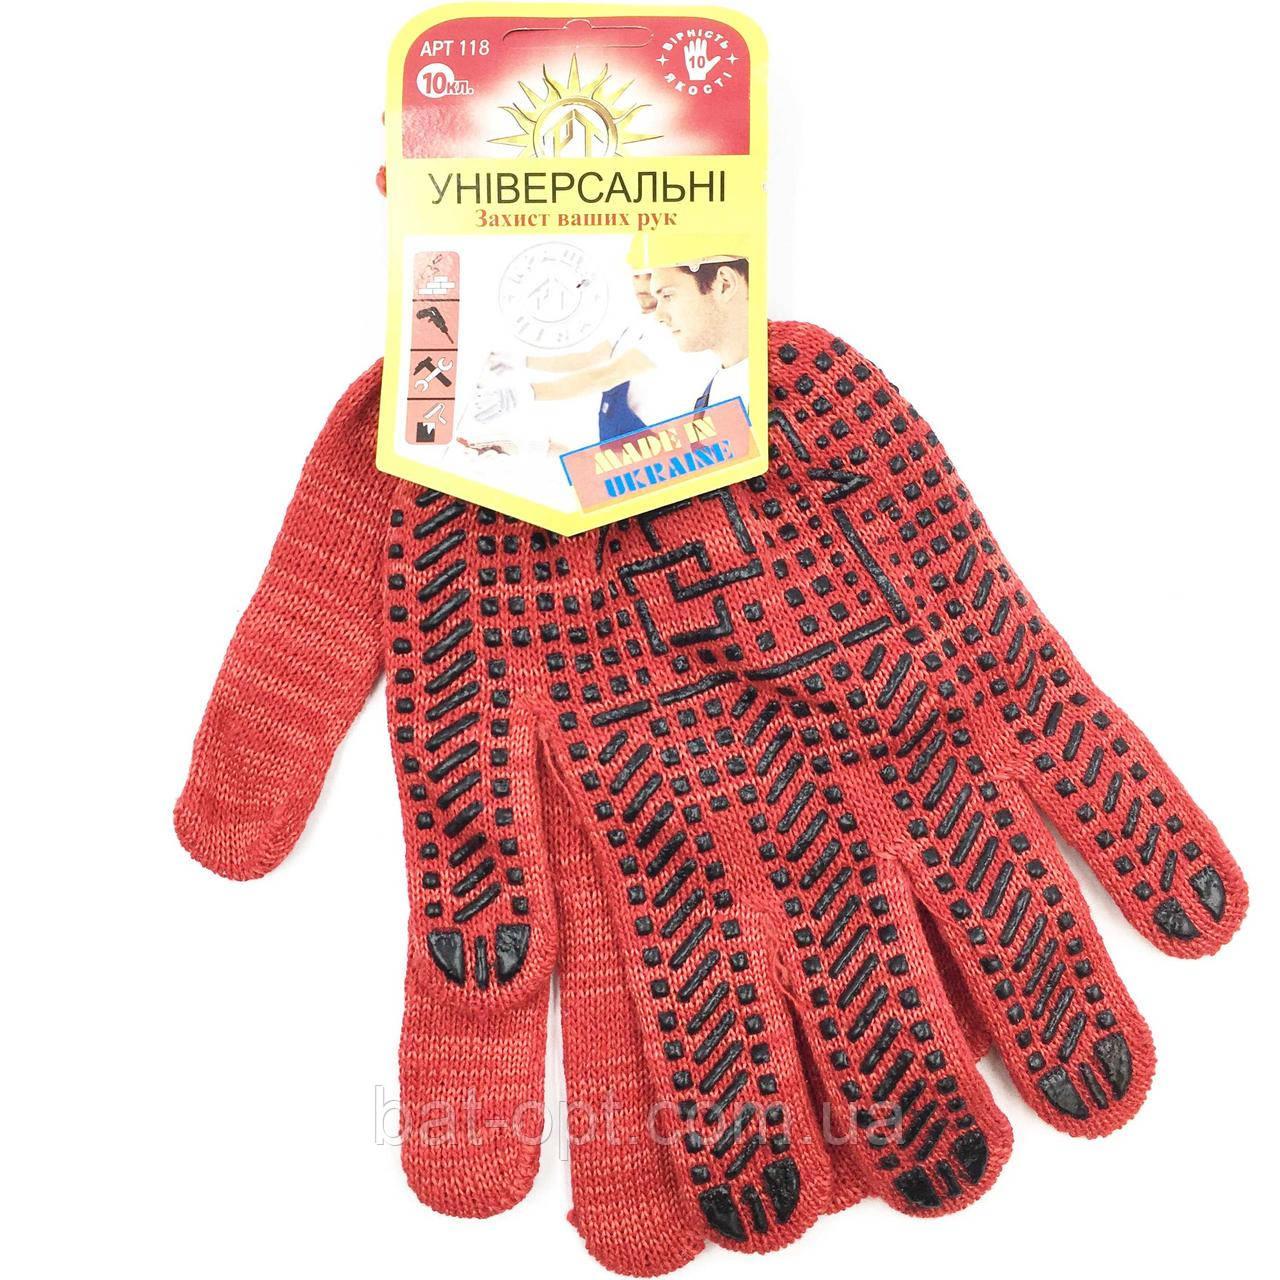 Перчатки рабочие ДОМ 118 Х/Б красные с ПВХ точкой, размер 10 (Украина)